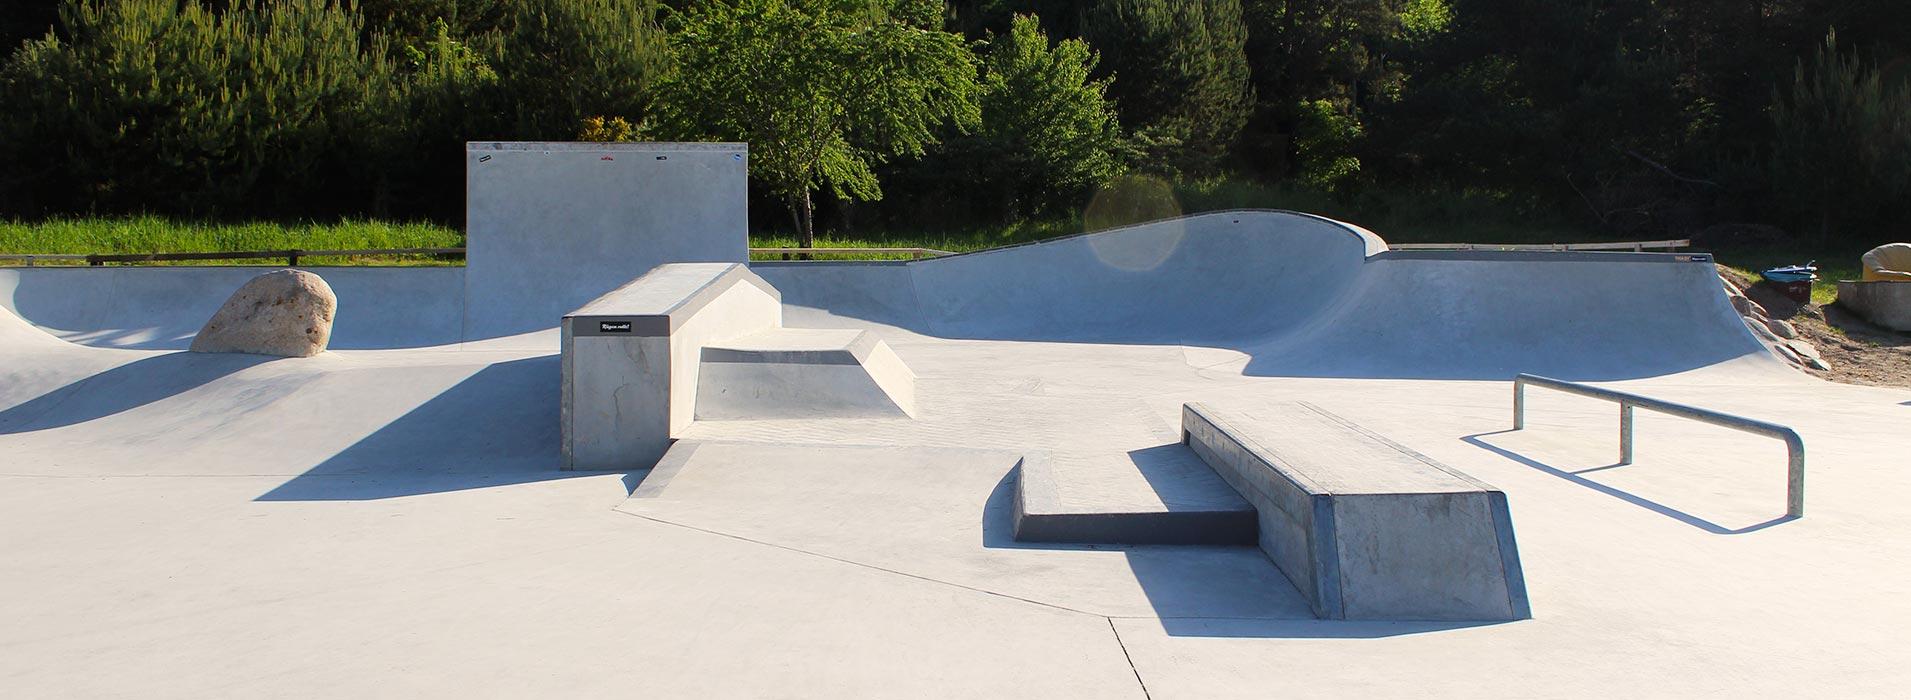 slider_skatepark_17